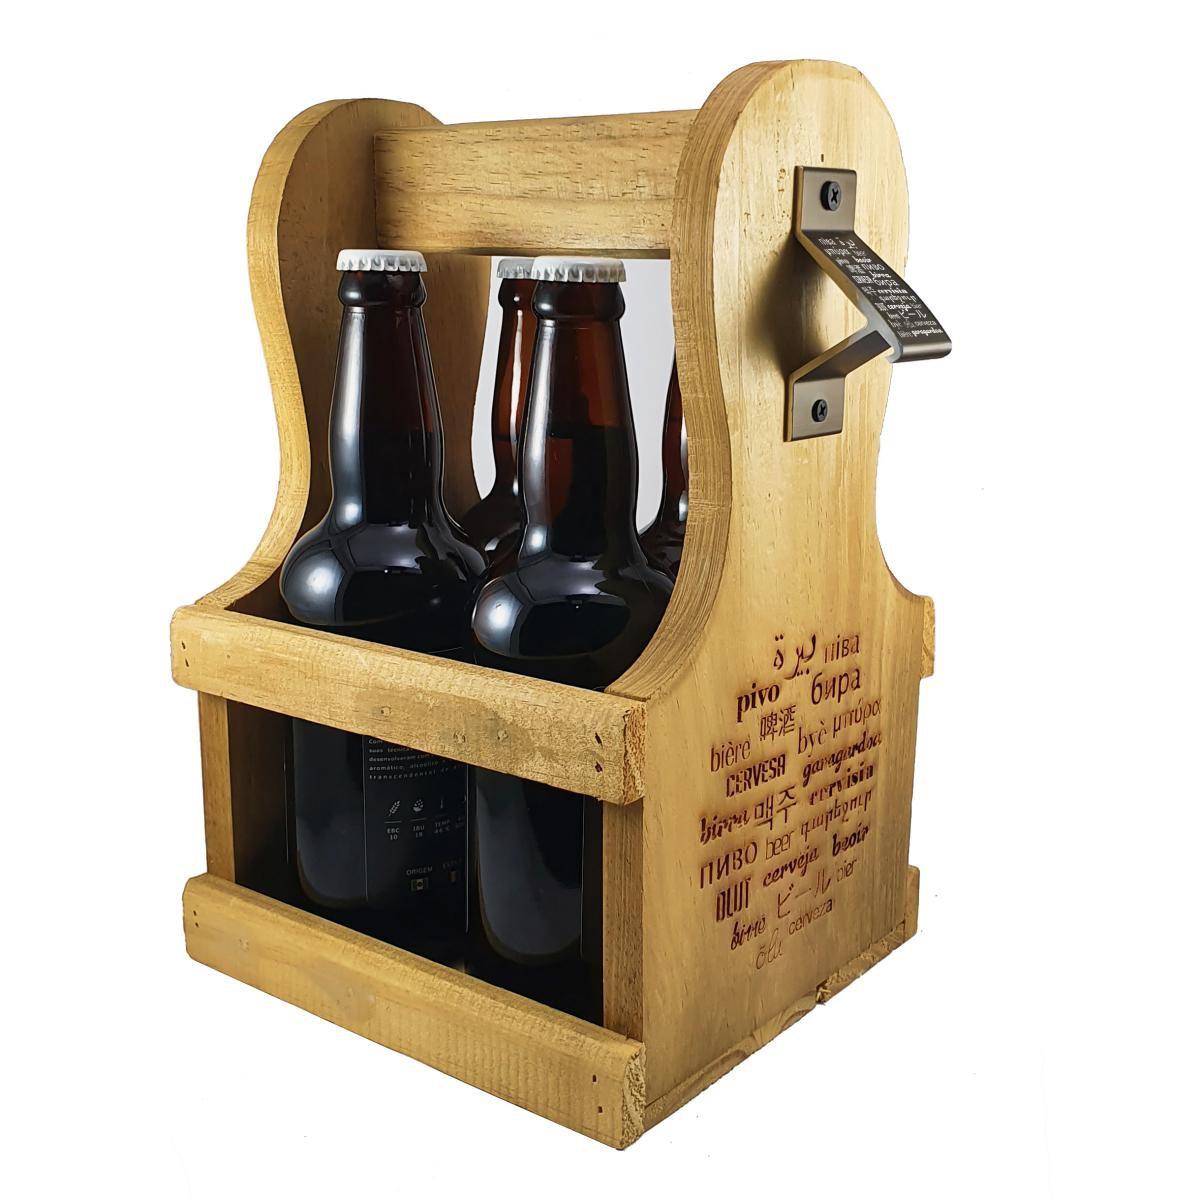 Engradado Caixa p/ Cervejas Gourmet em Madeira com Abridor c/ Ímã